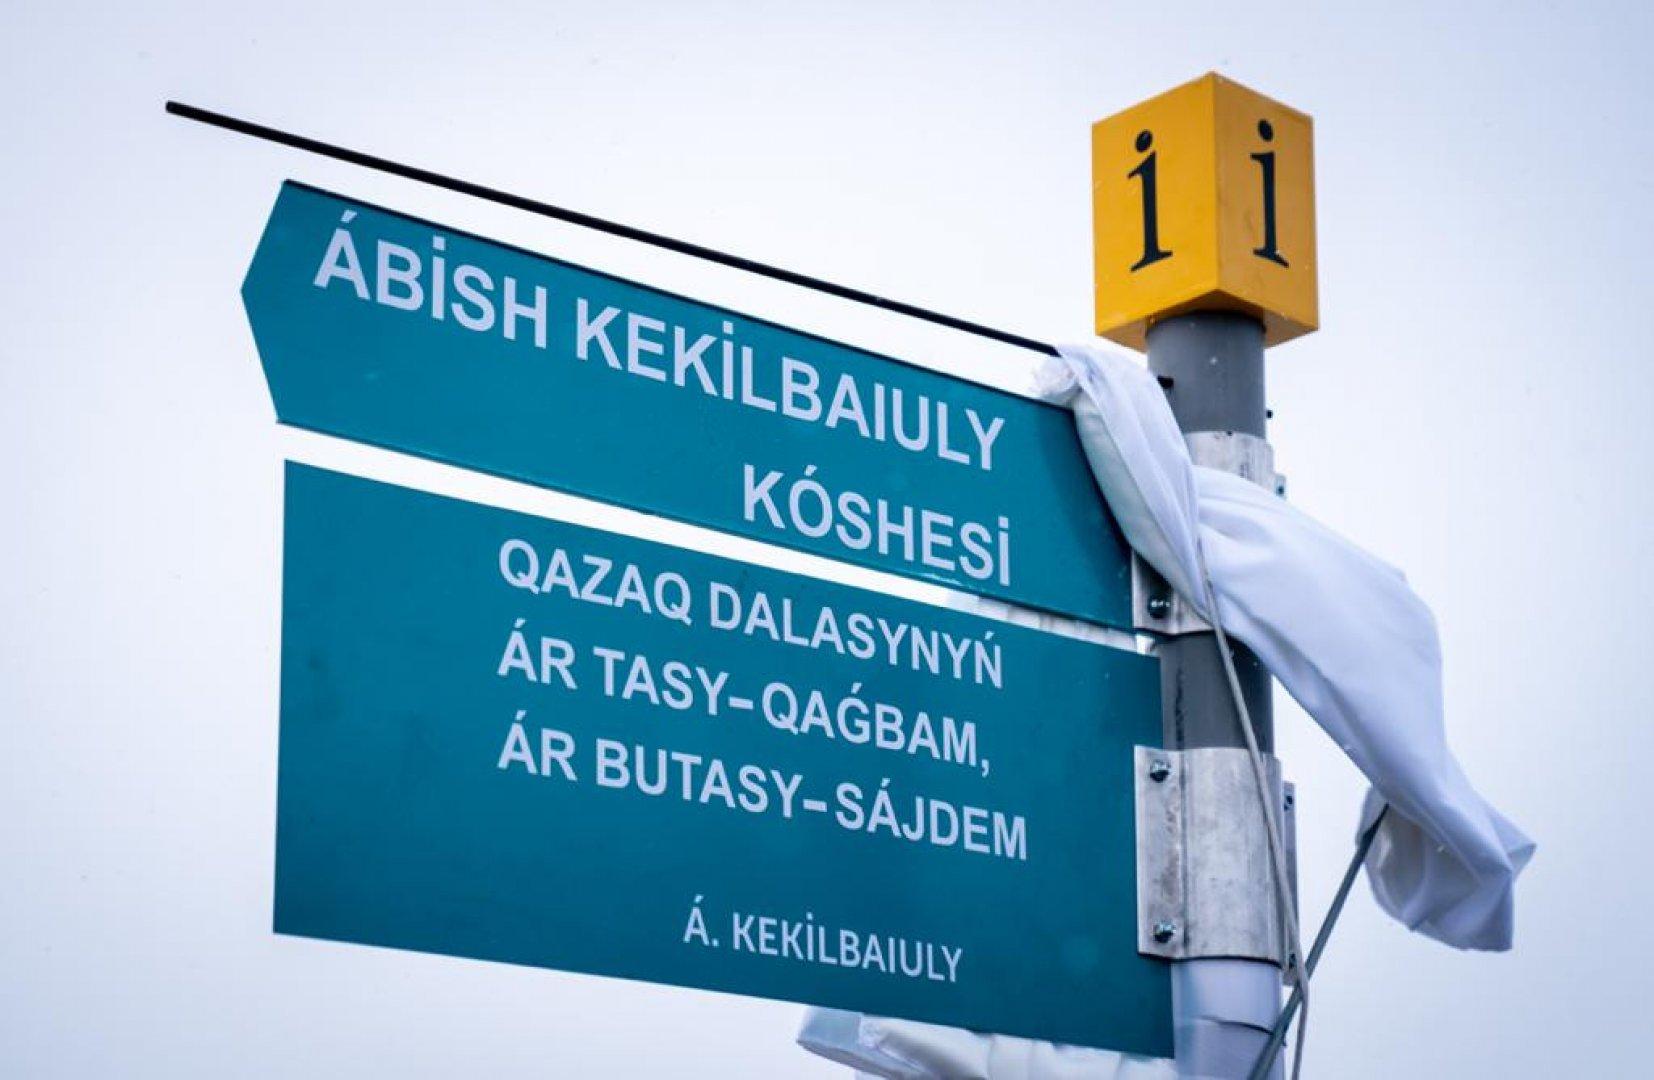 В столице прошли торжественные мероприятия к 80-летию Абиша Кекилбаева